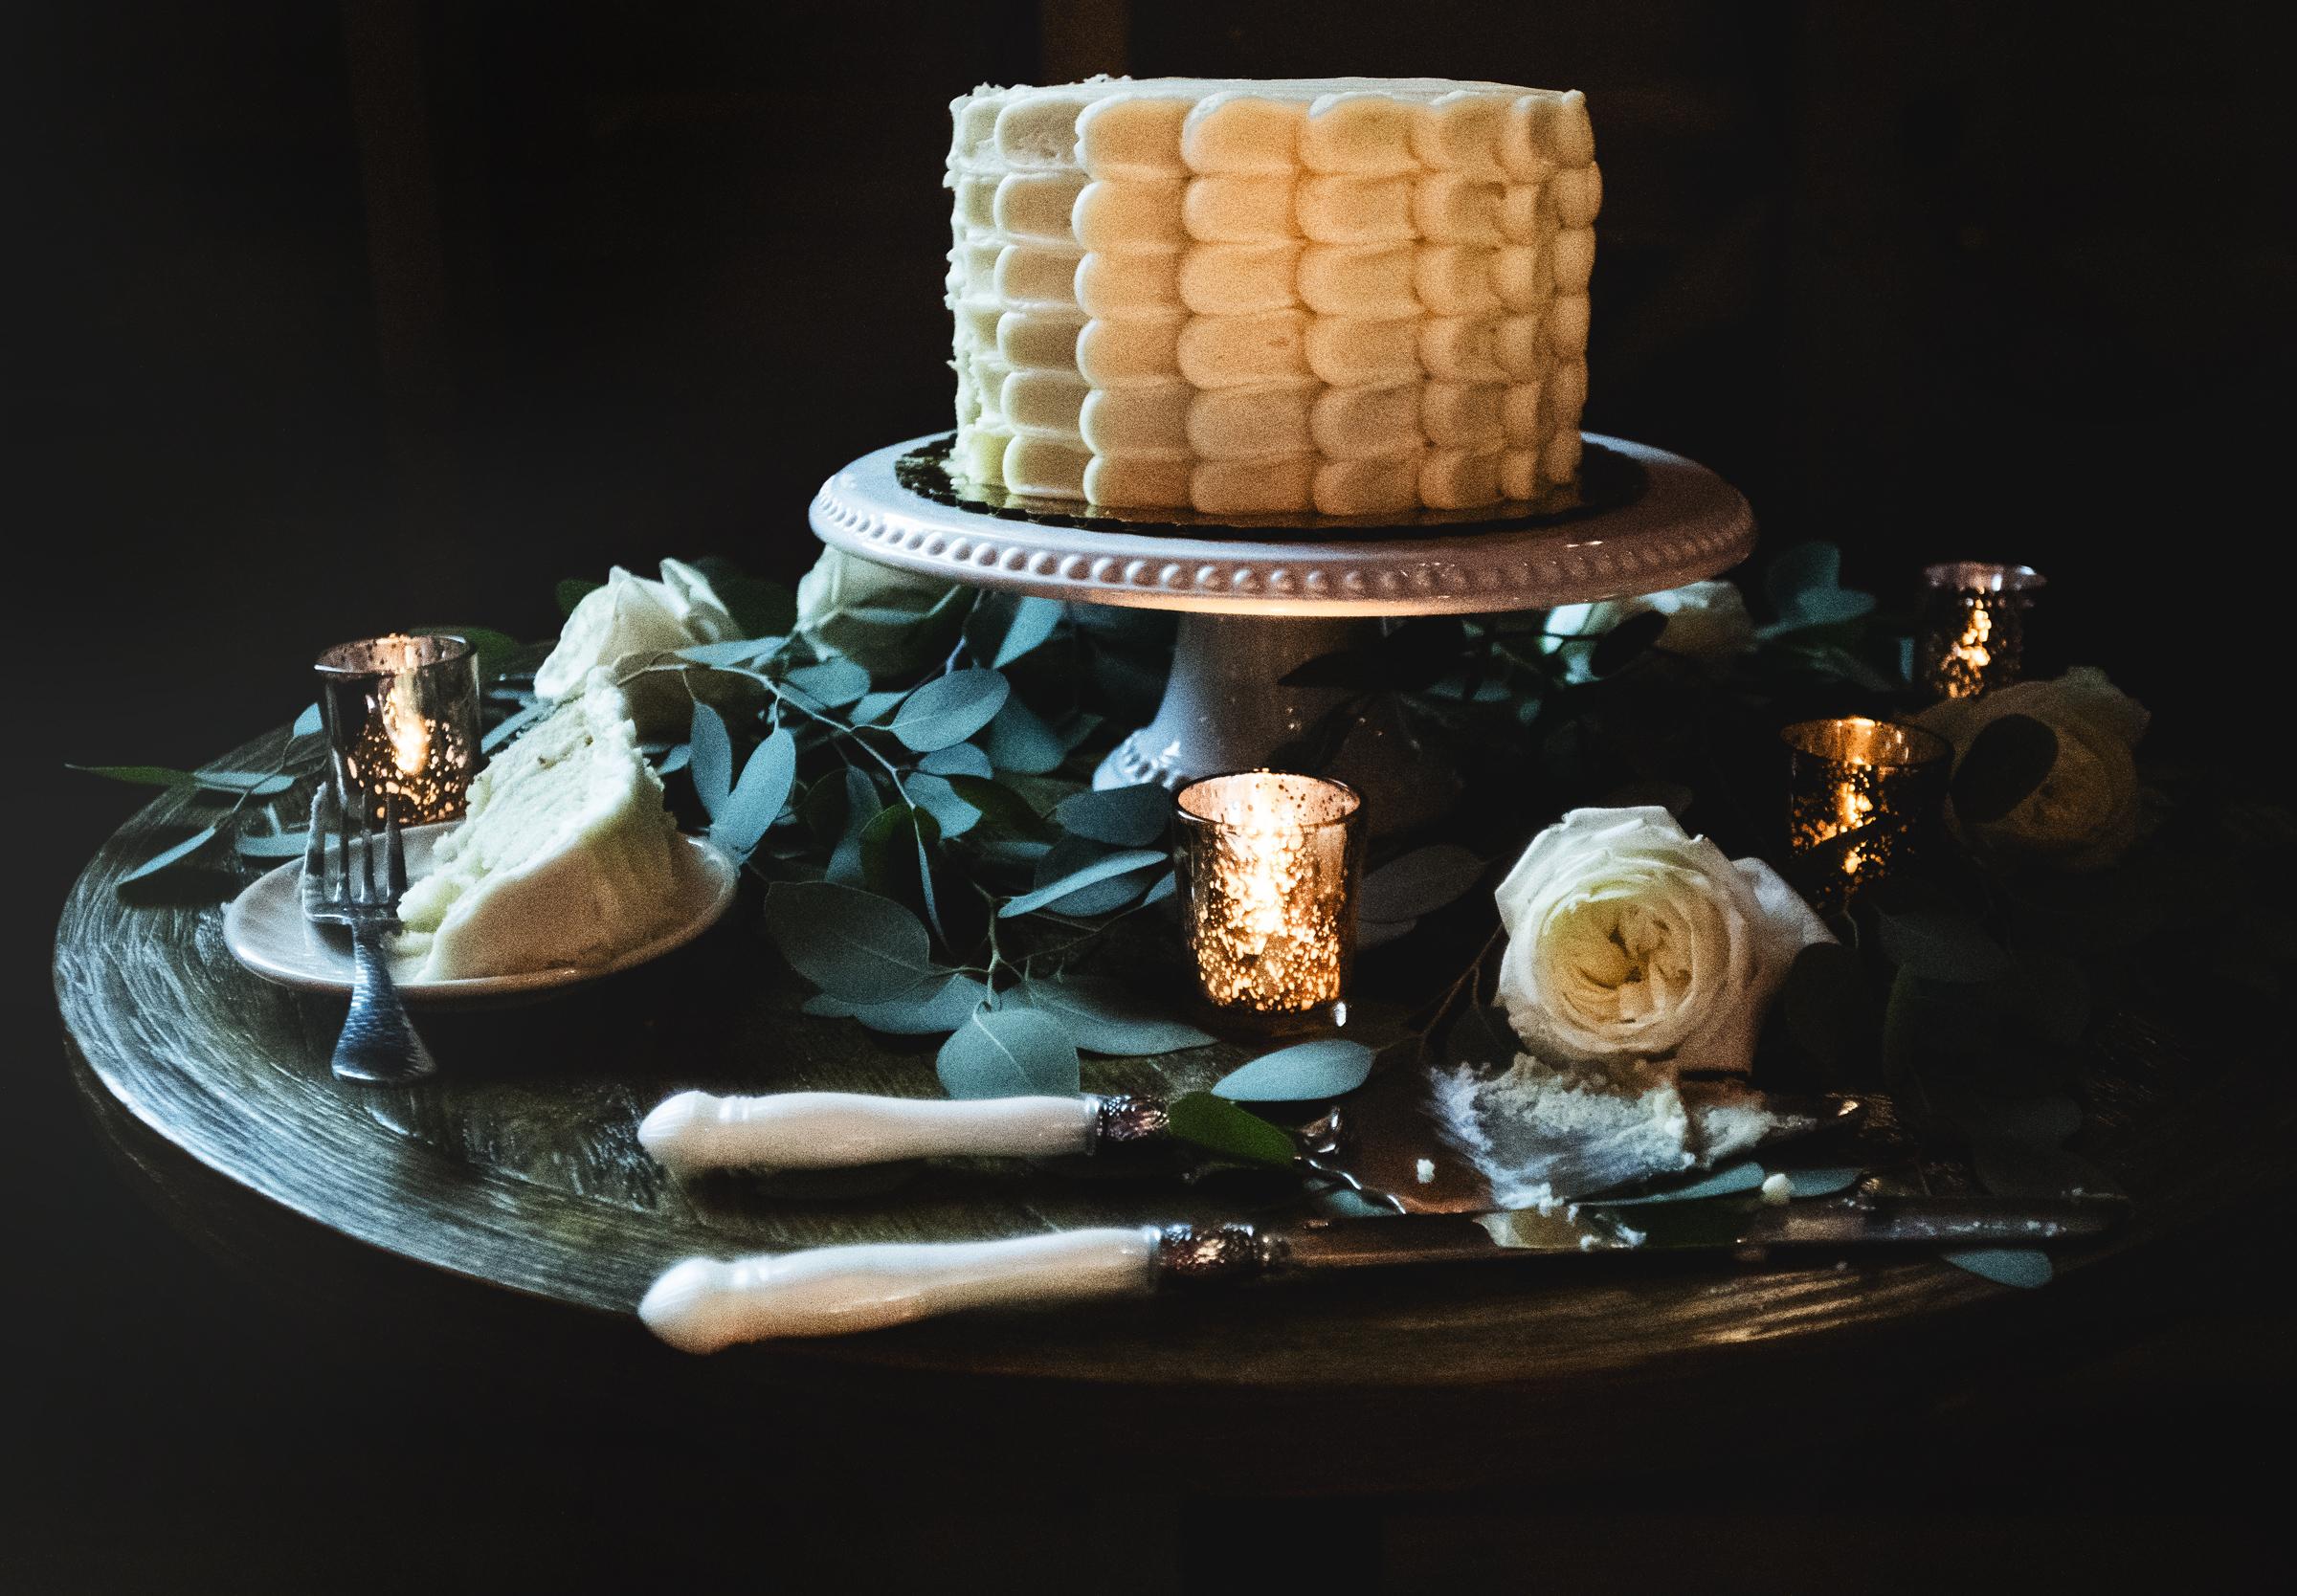 Weddings Mount Joy PA Photographer